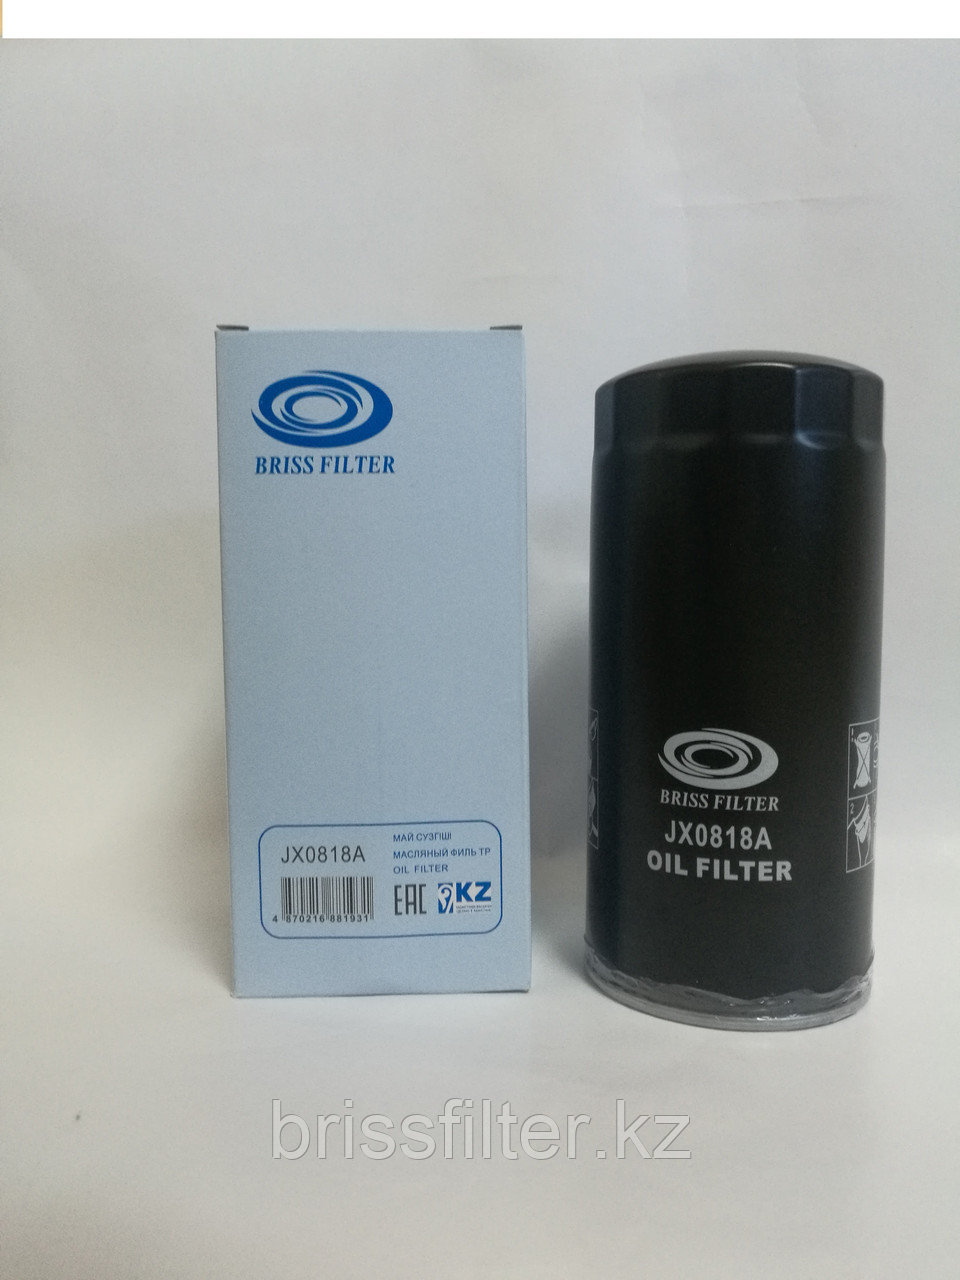 Briss Filter JX 0818A